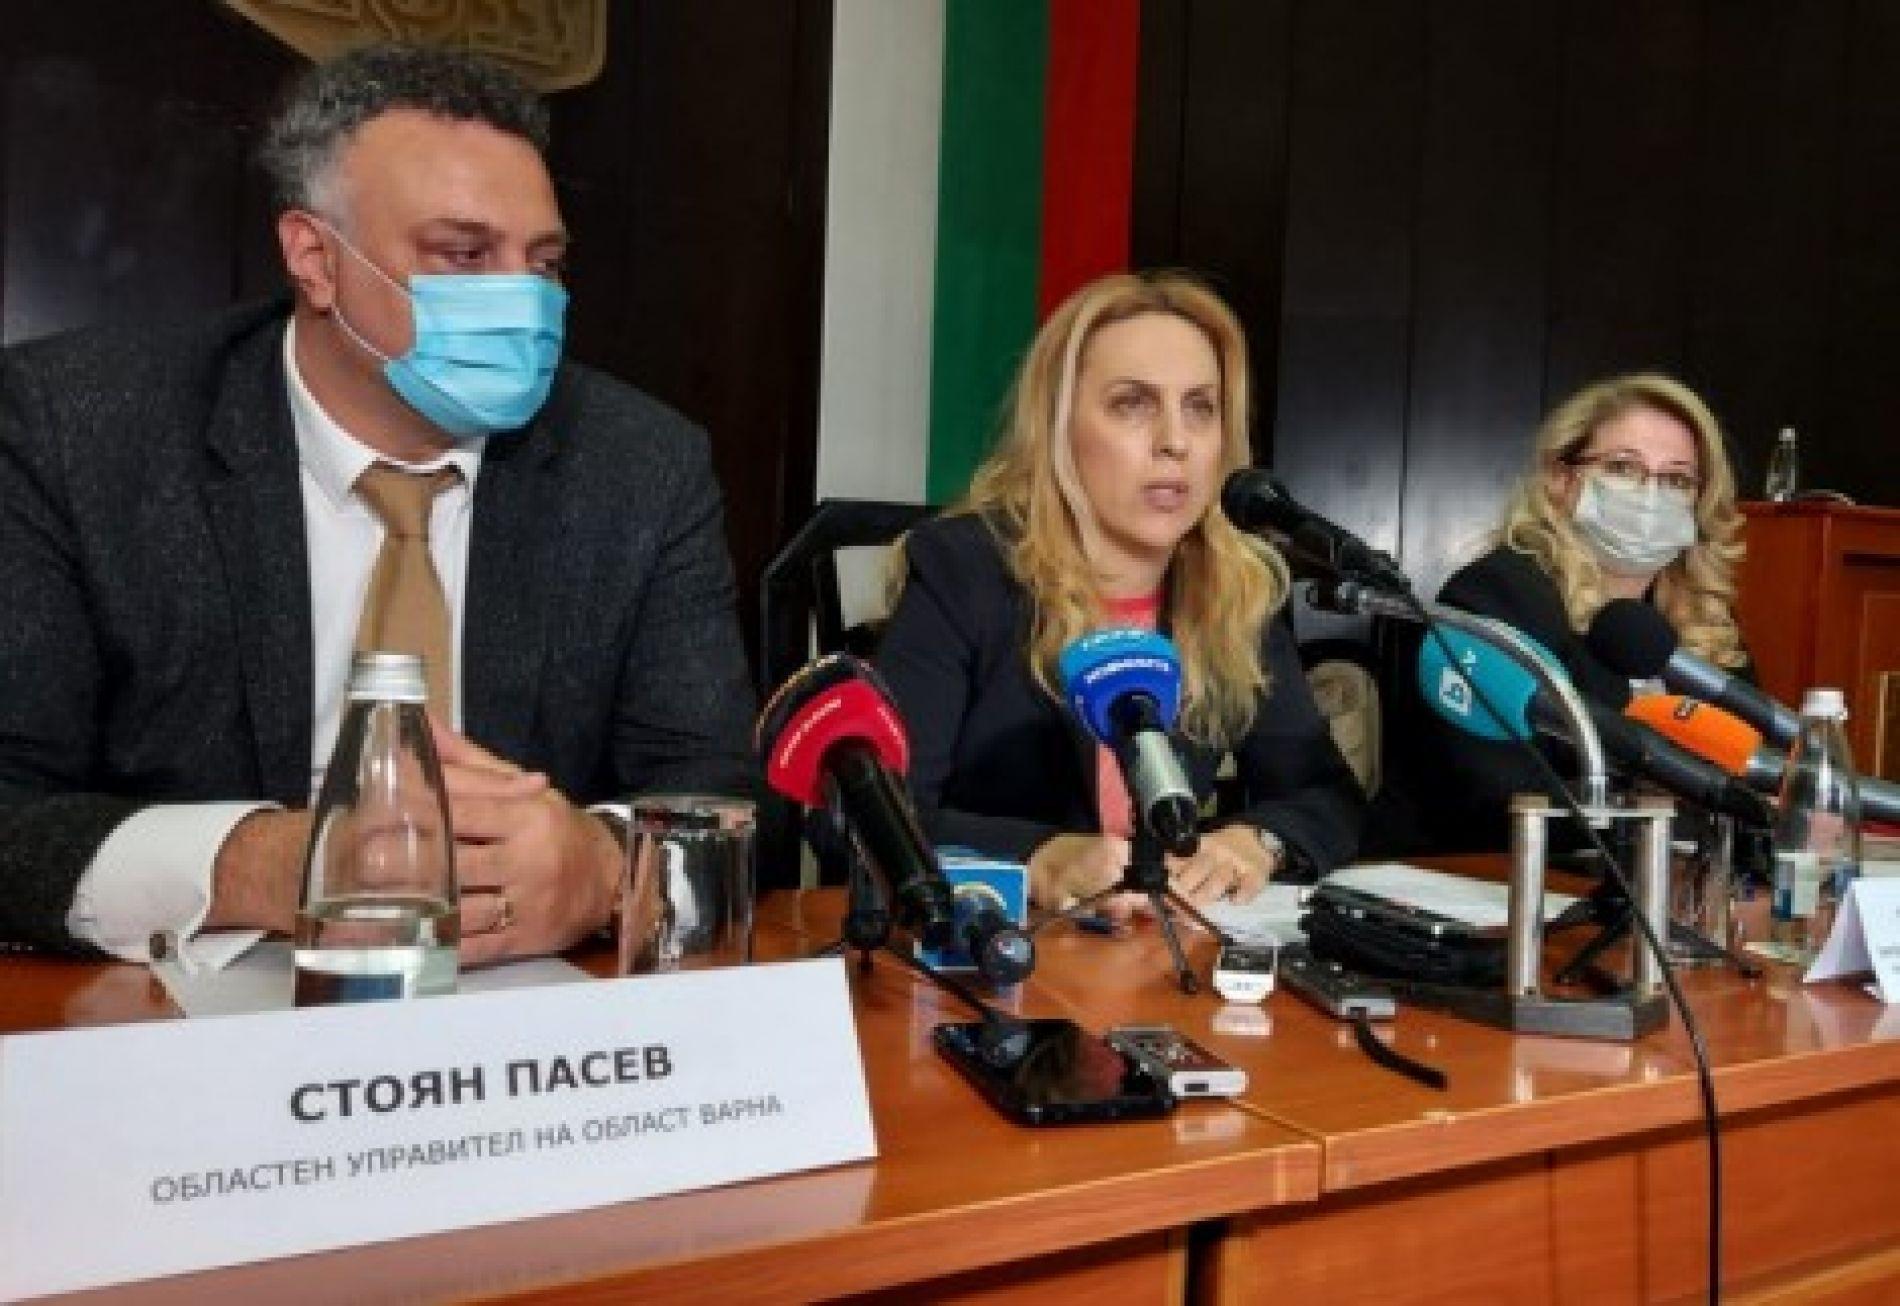 Предлагаются три варианта облегченного въезда иностранных туристов в Болгарию